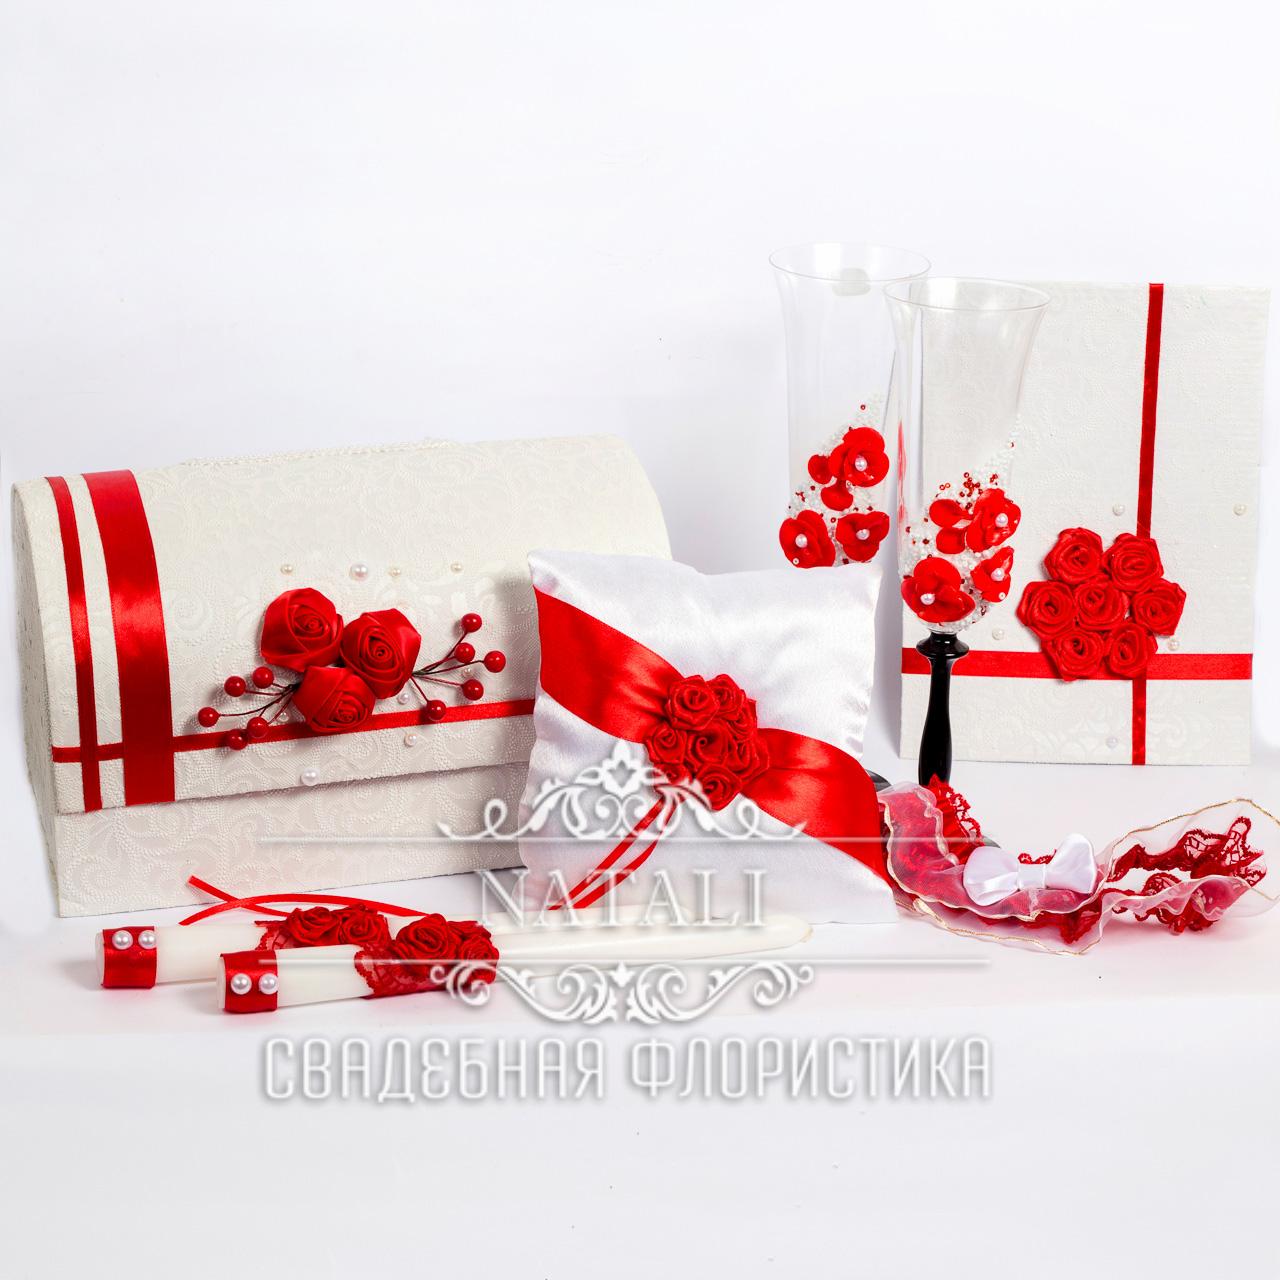 Свадебный набор аксессуаров в красном цвете